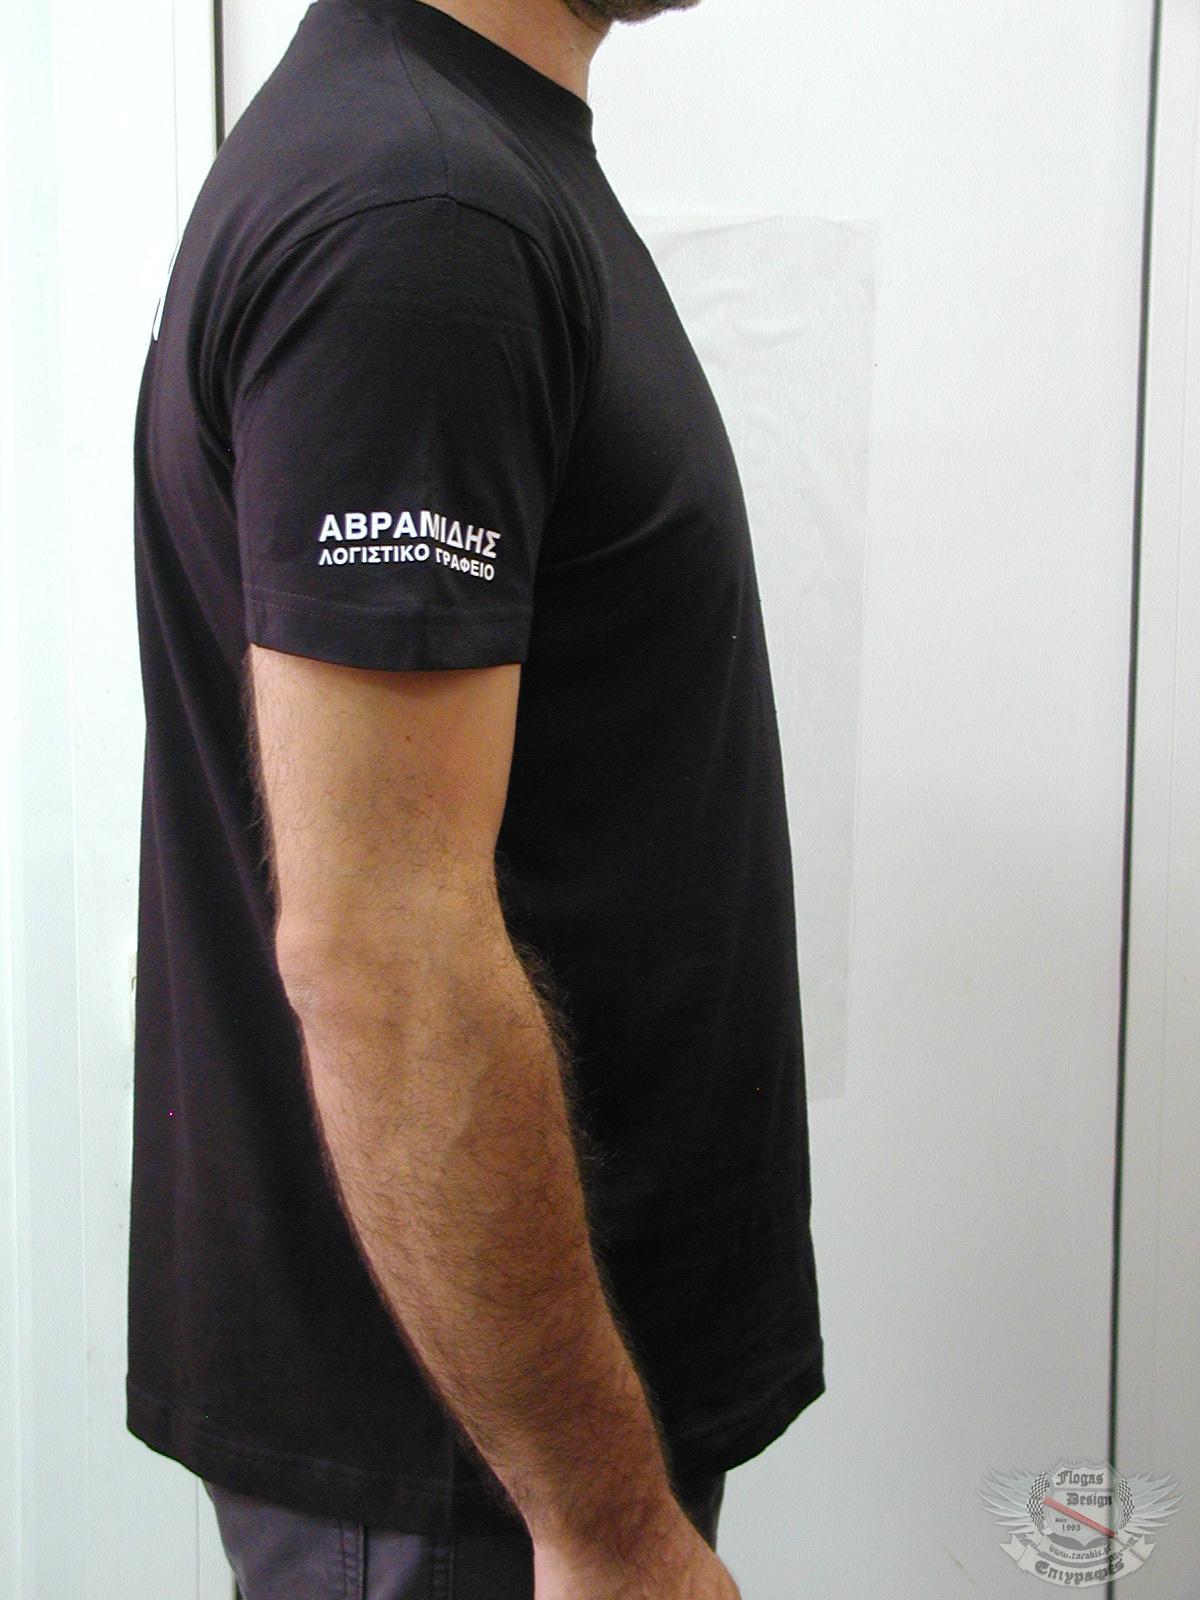 Ρούχο για λογότυπο σε σύλλογο, στάμπα σε ρούχο